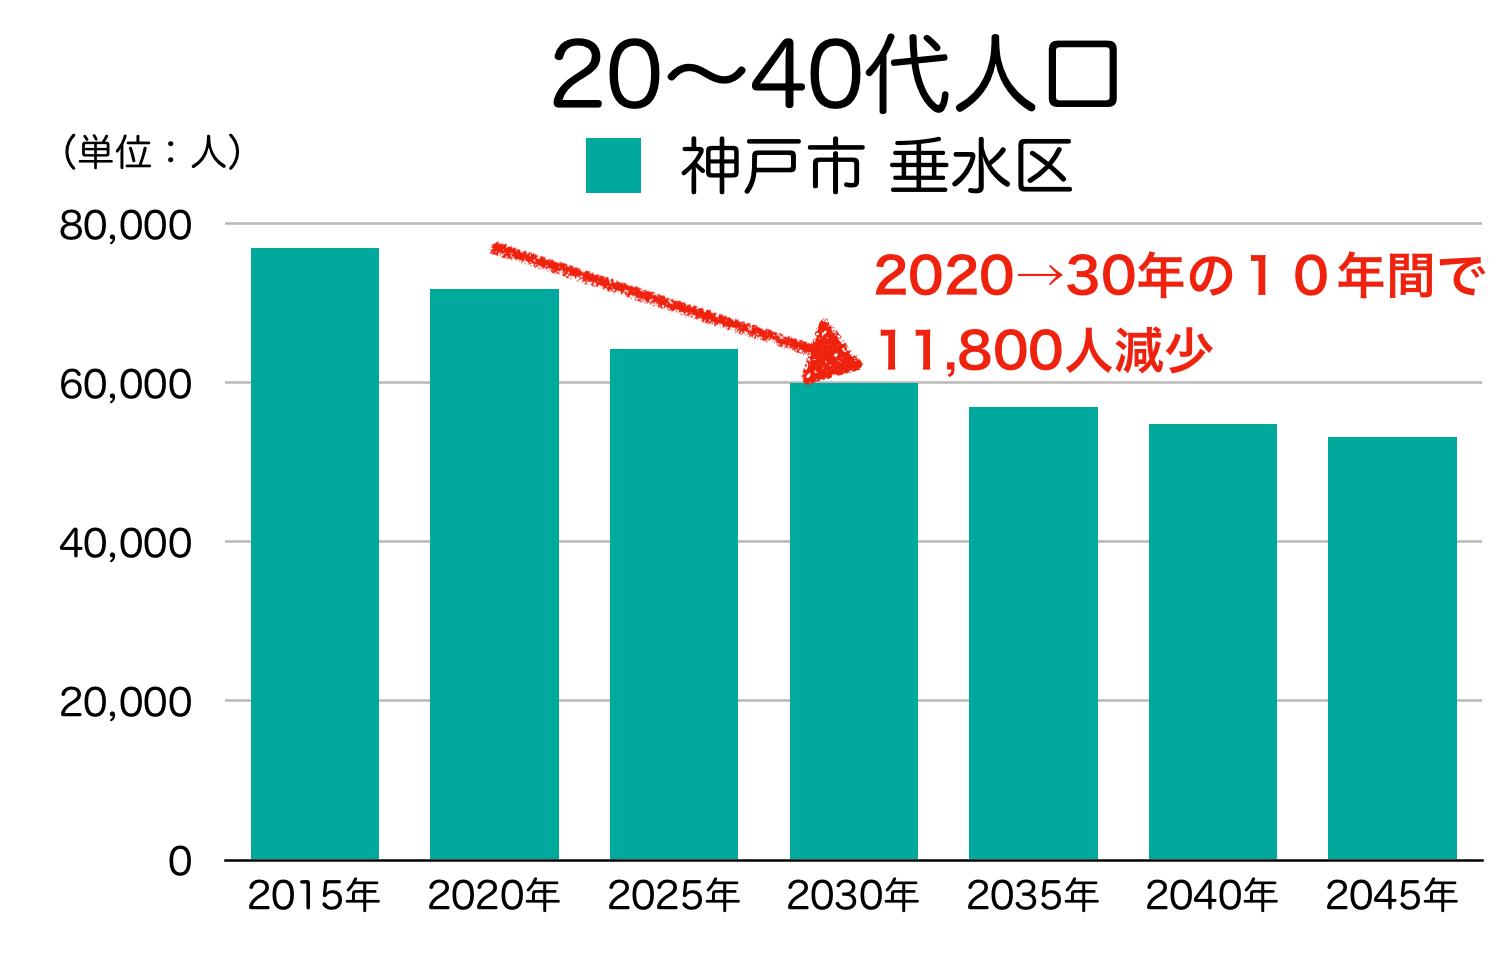 神戸市垂水区の20〜40代人口の予測